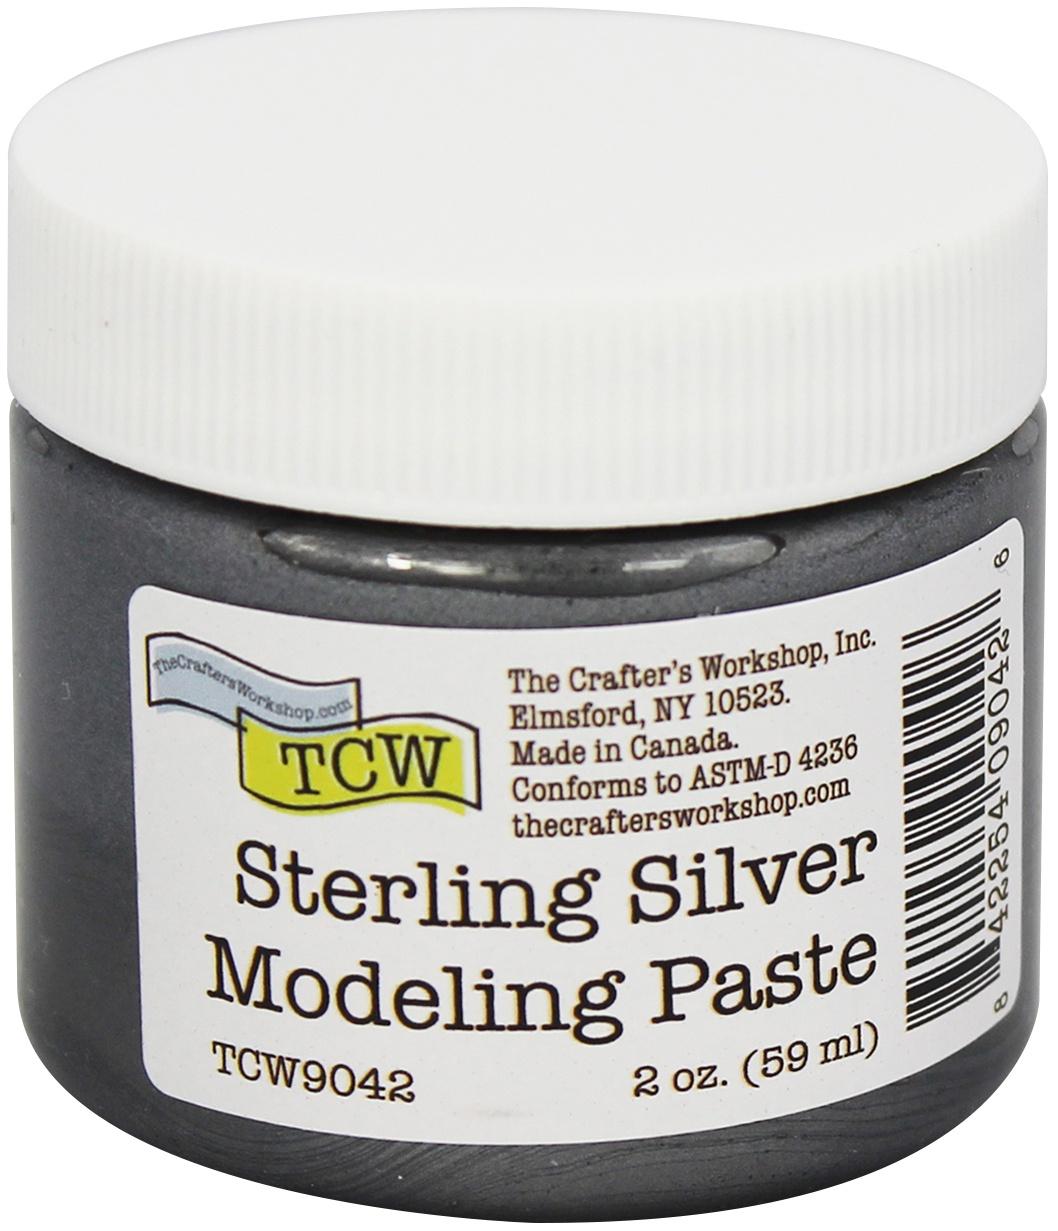 Crafter's Workshop Modeling Paste 2oz-Light & Fluffy